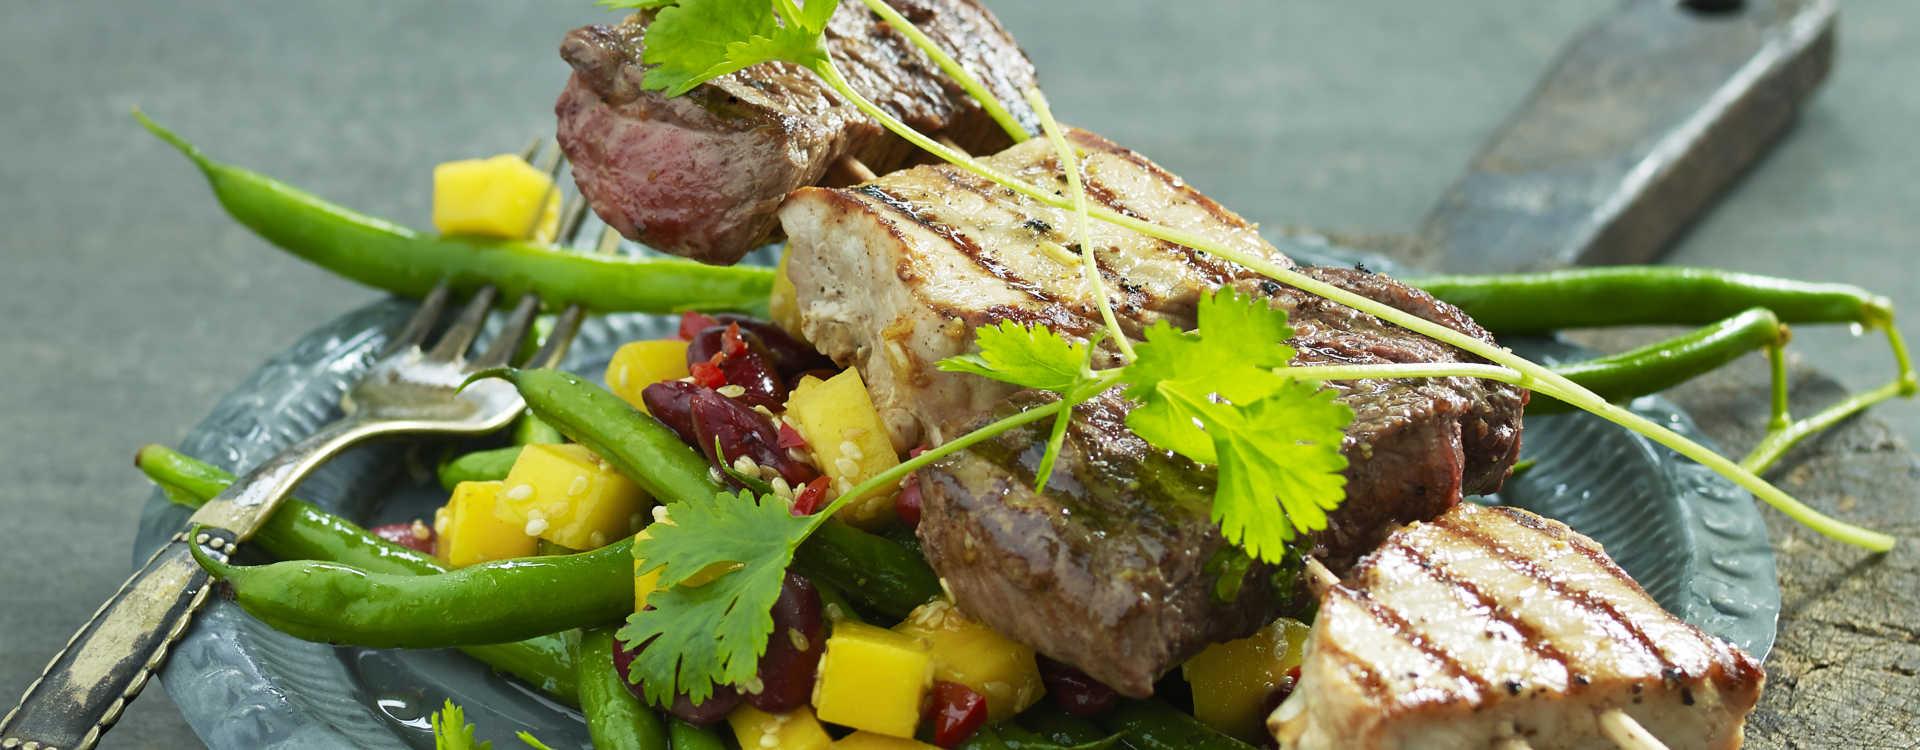 Grillspyd servert med salat av mango, grønne bønner og spiskummen